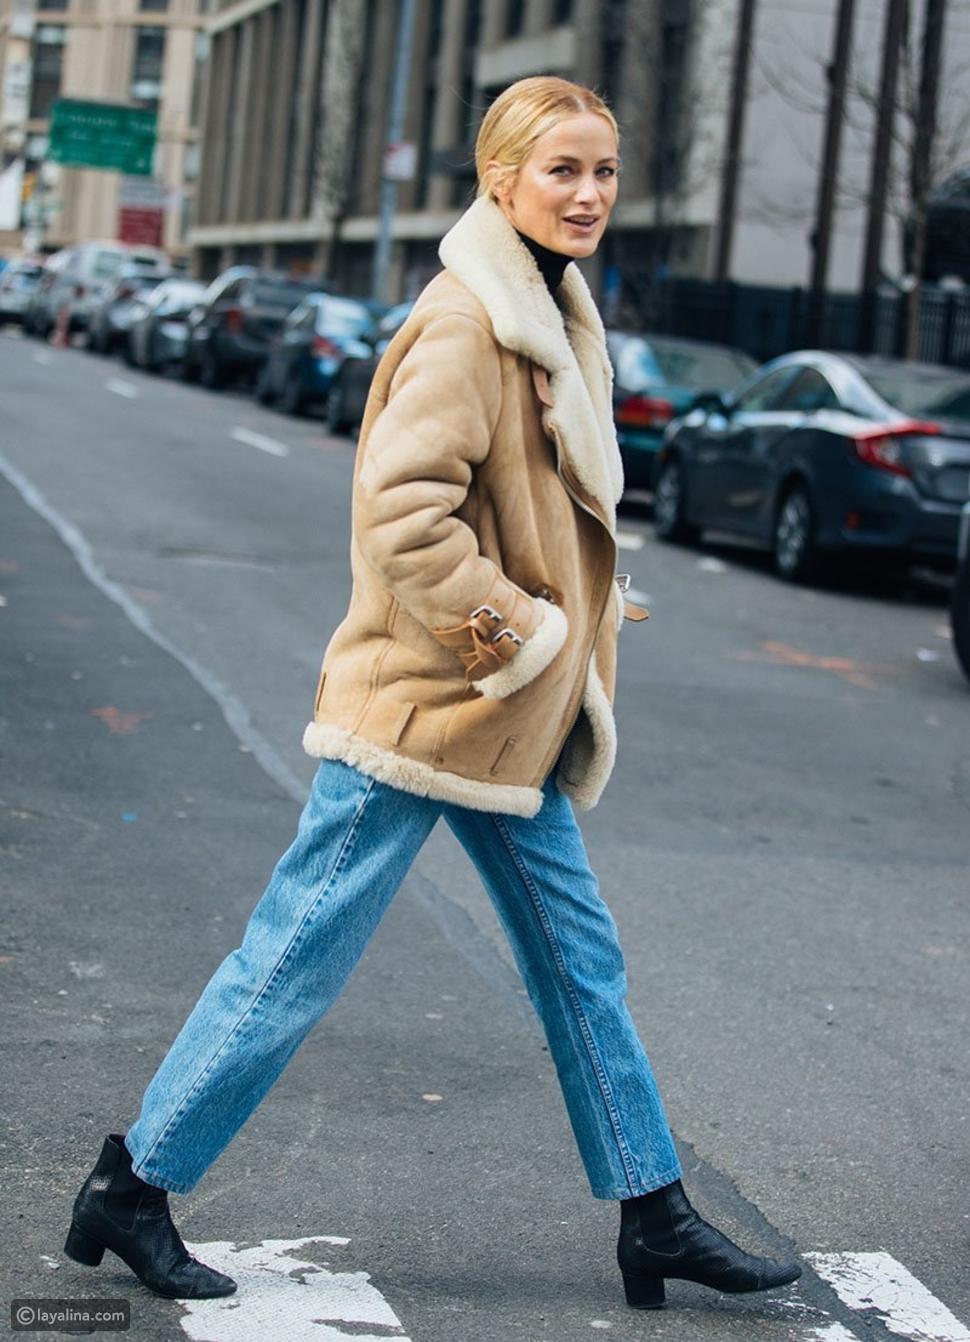 بنطلون جينز مستقيم مع تصميم الكاحل الواسع